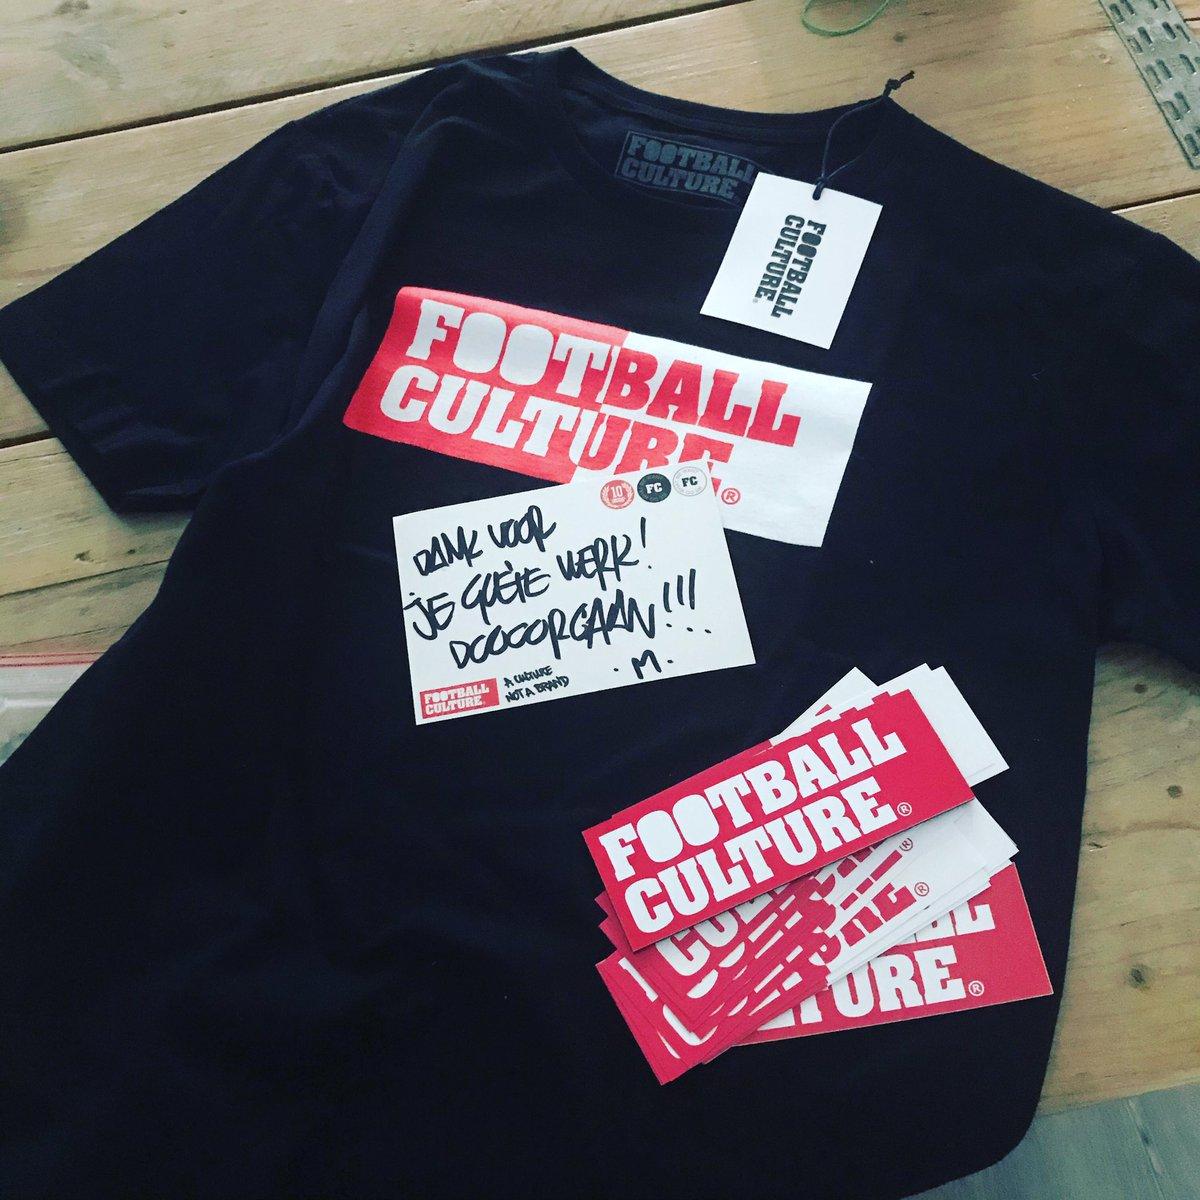 Betere pakketjes dit om in de post aan te treffen. @FootballCulture x Feyenoord shirt. En zelfs een koelkastmagneet. Die jongens hebben het nu echt gemaakt. Eigen koelkastmagneten. pic.twitter.com/Xigejysmkt